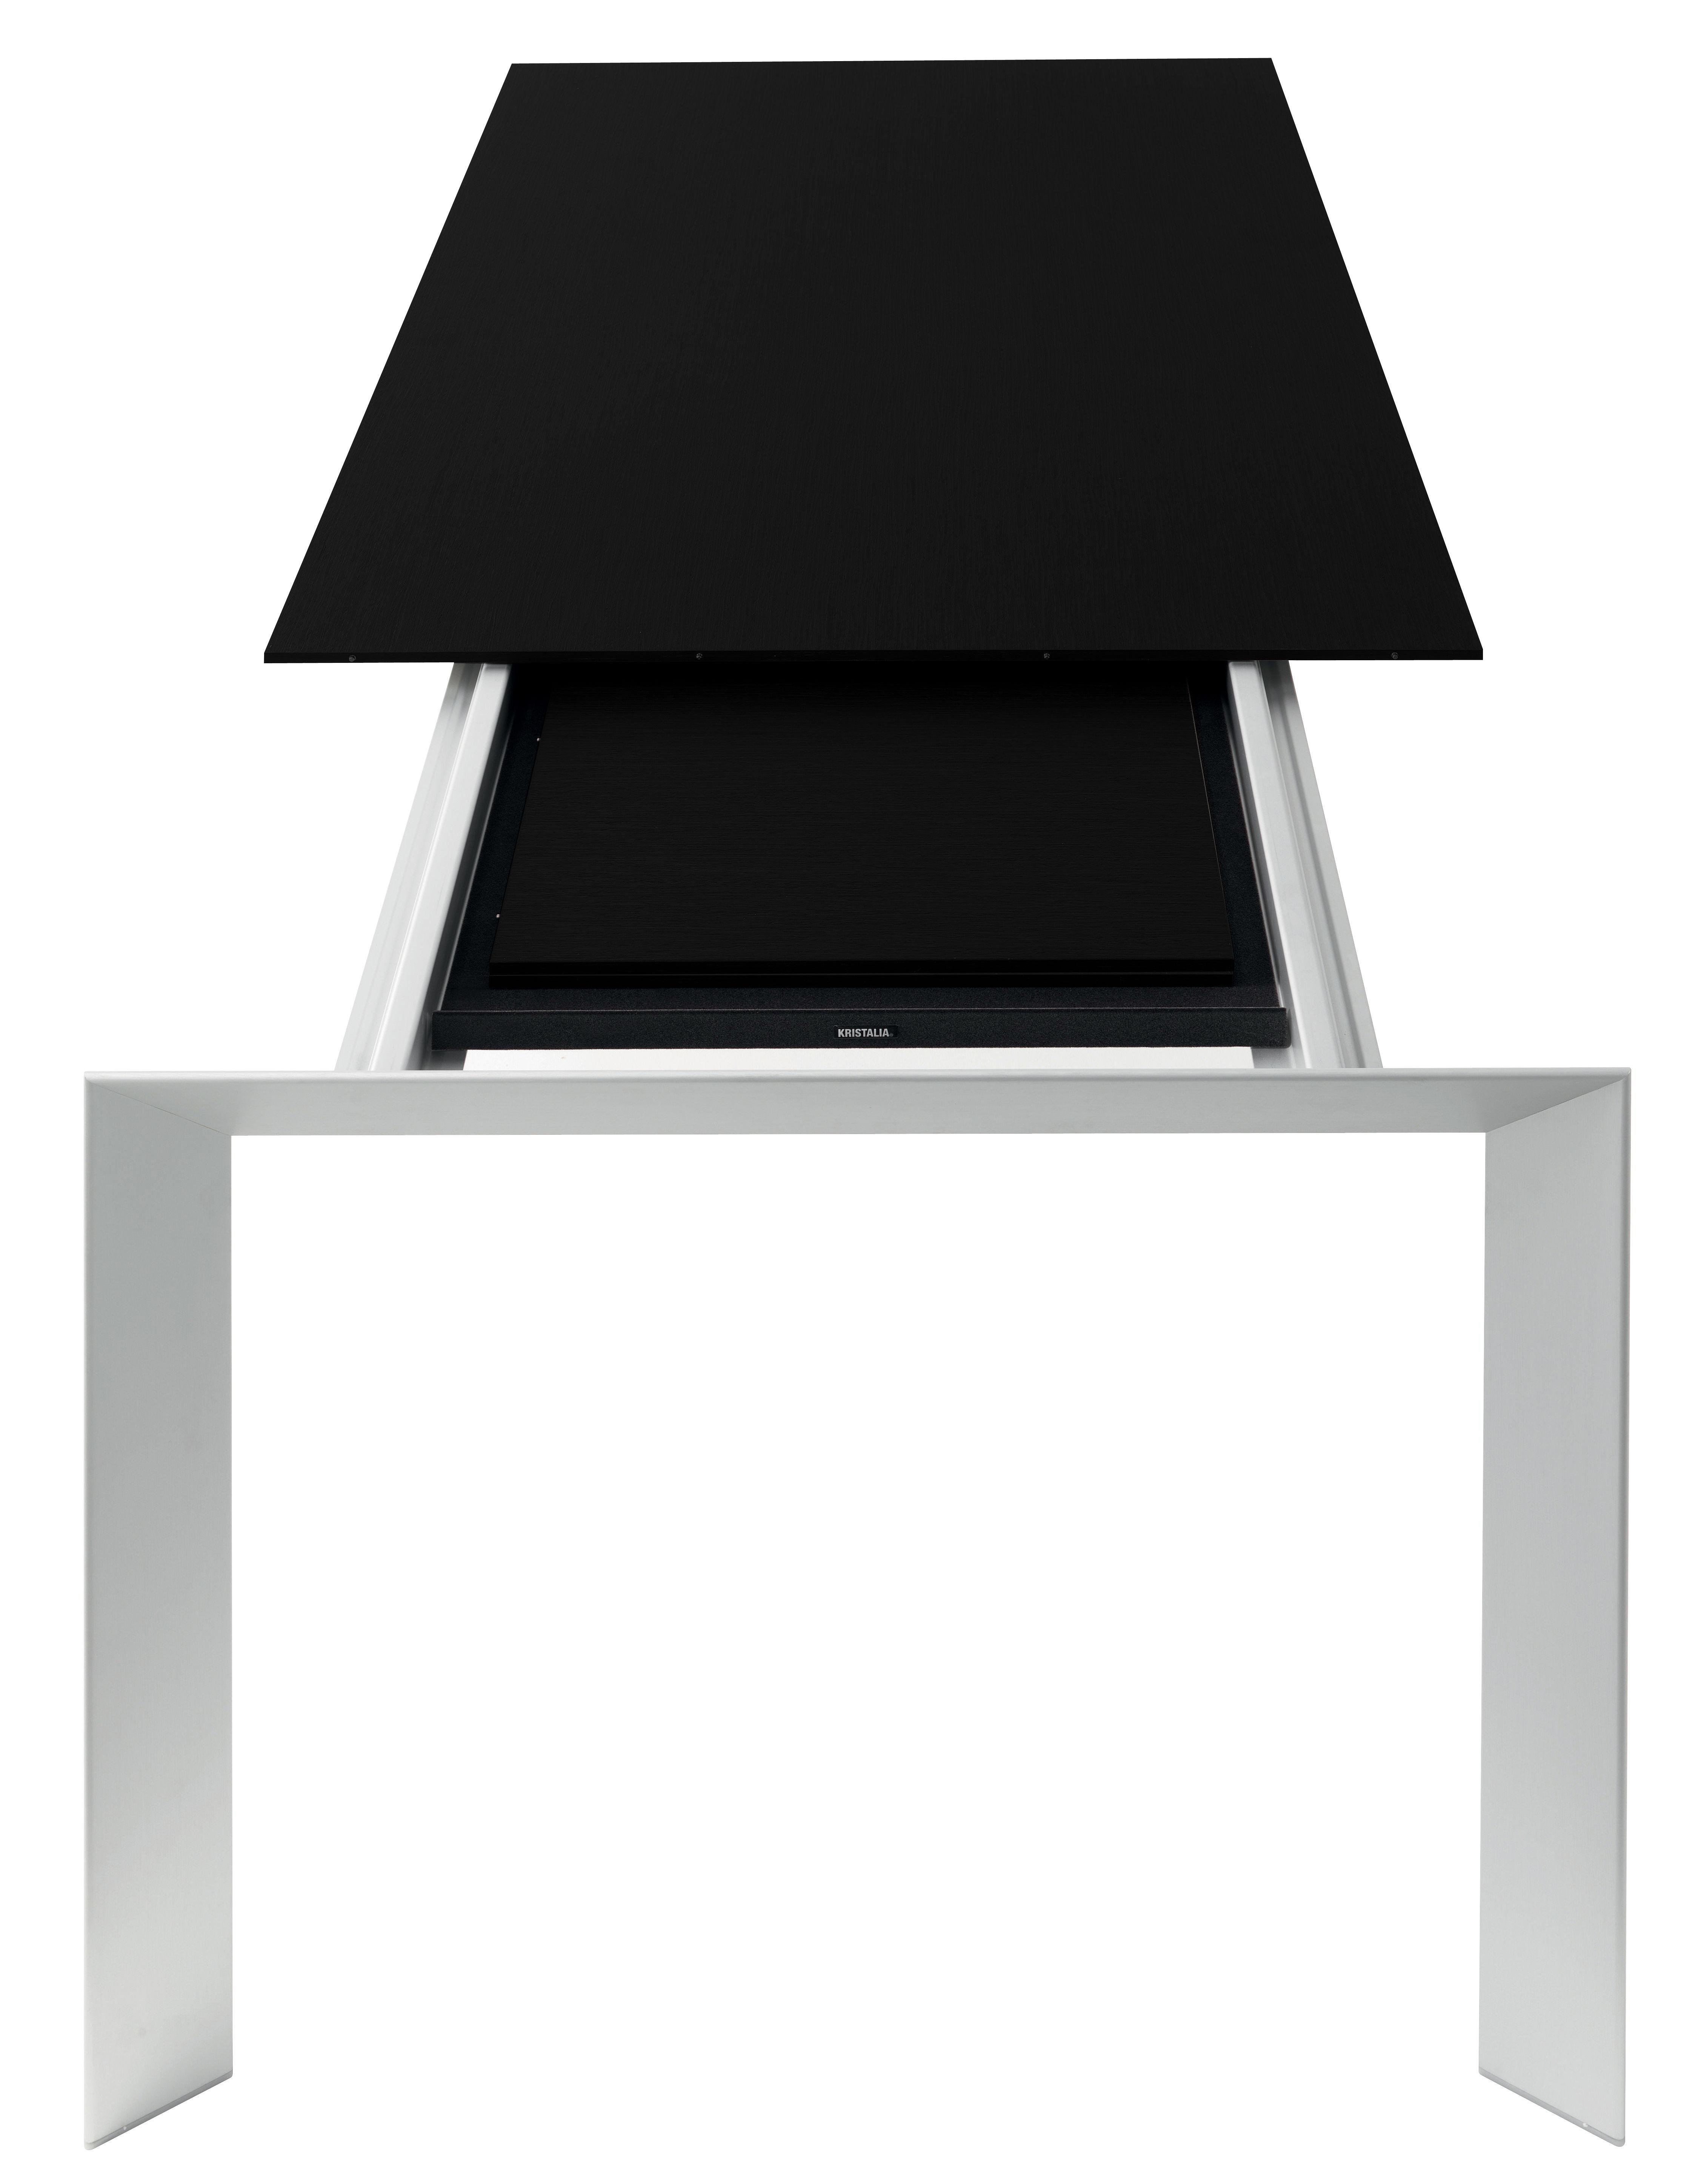 Rentrée 2011 UK - Bureau design - Nori Ausziehtisch zum ausziehen - Kristalia - Platte und Verlängerungen: schwarzes Laminat - eloxiertes Aluminium, stratifiziertes Laminat